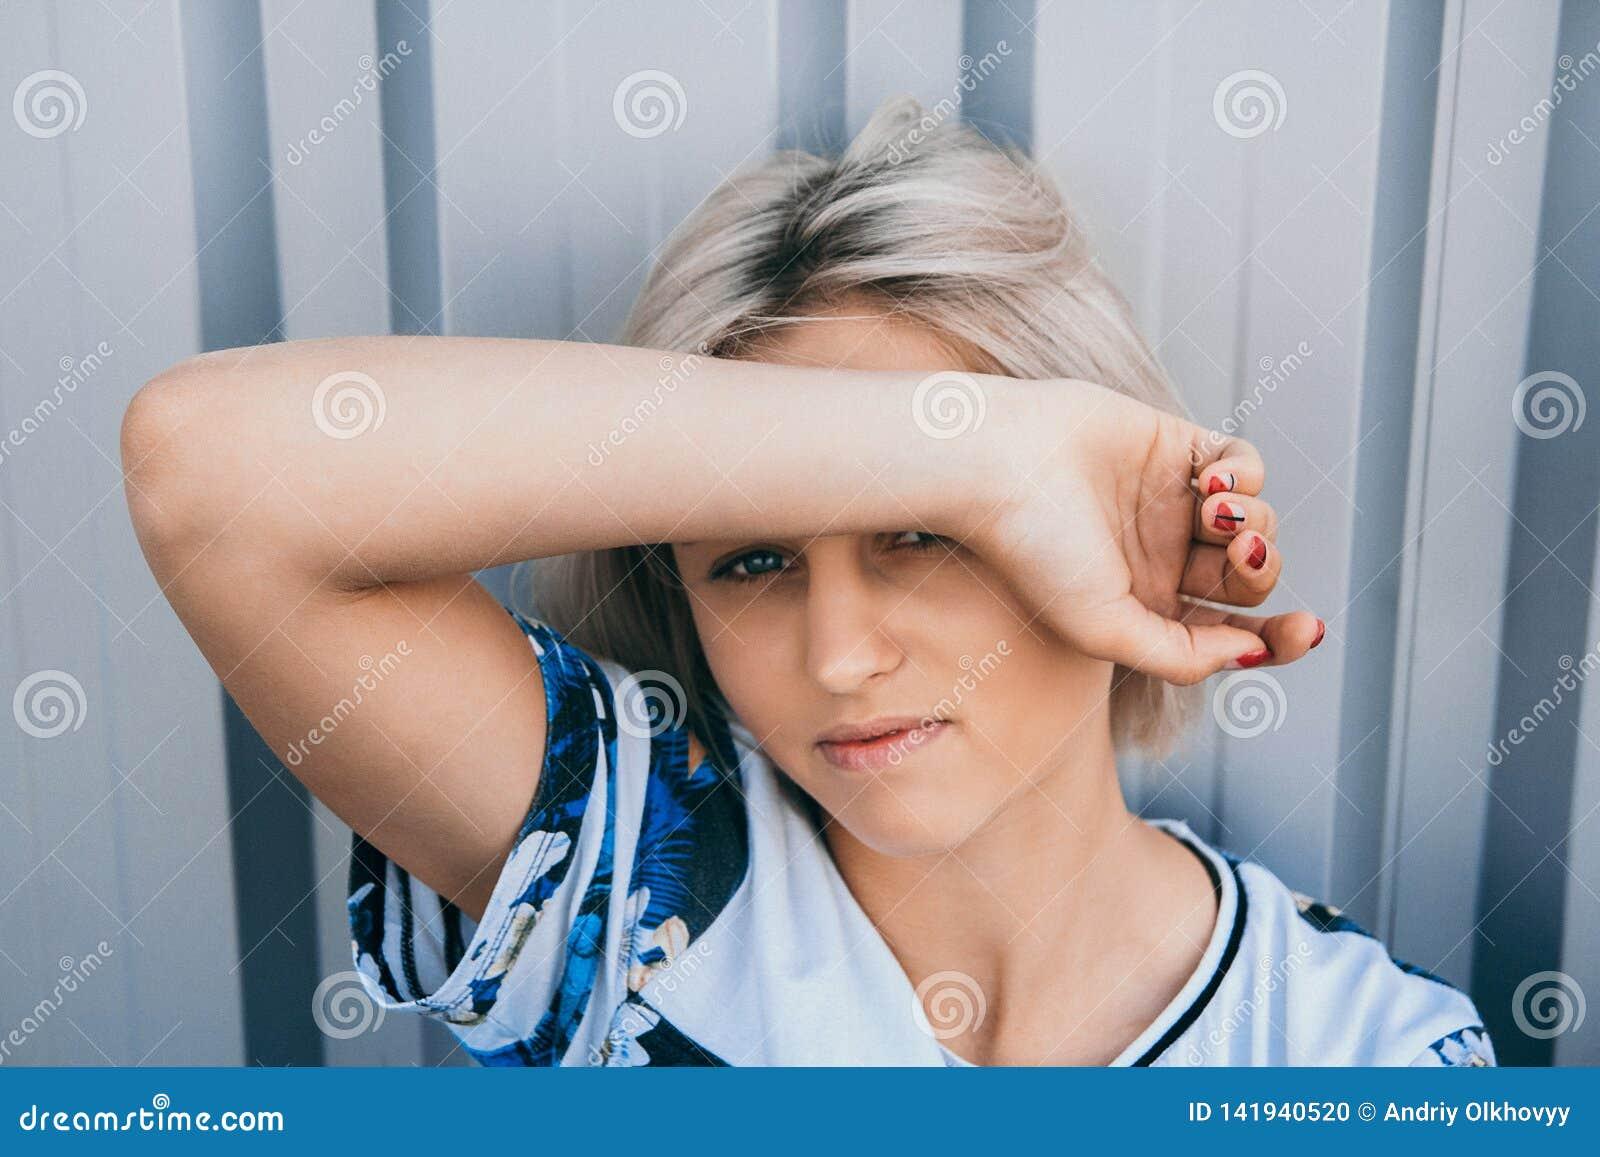 Retrato da menina bonito com penteado curto branco Sua cara da tampa do cabelo meia Está olhando para a frente